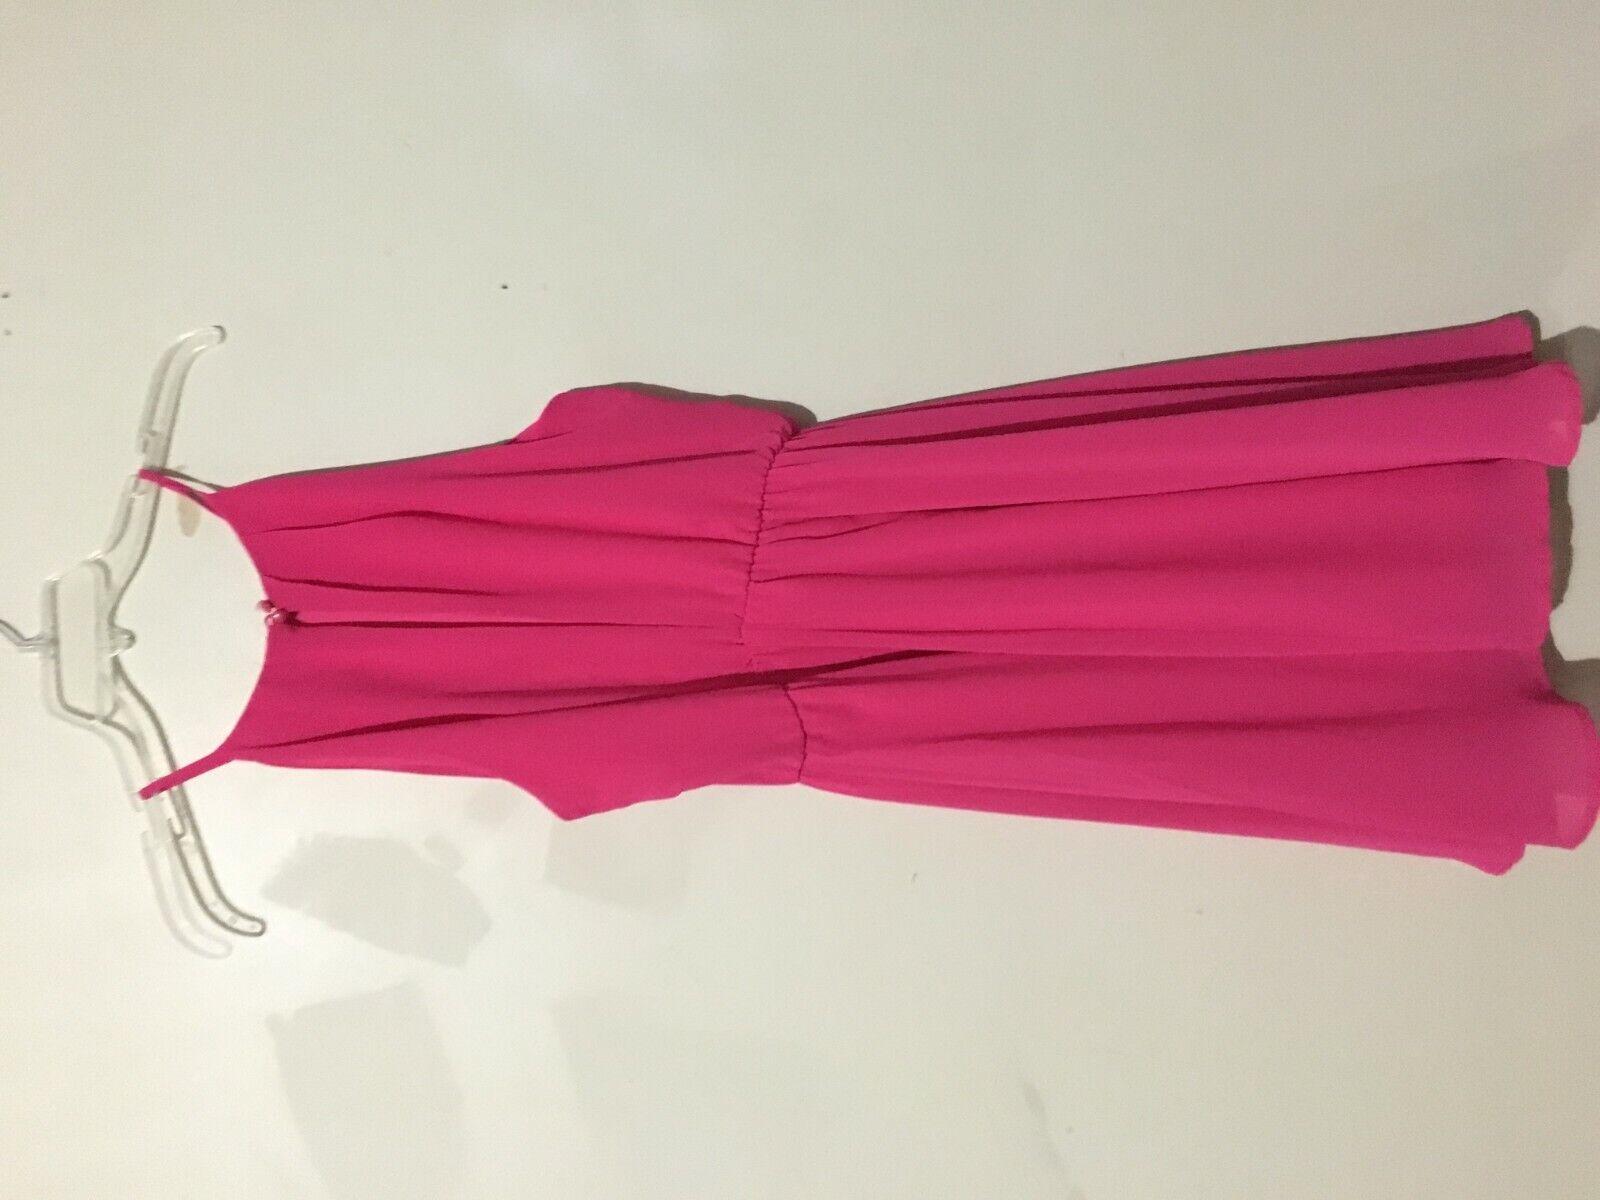 adace261b9 ... Lush Pink Sheer Lined Summer Summer Summer Flare Dress Women Size M  Sleeveless 61f420 ...